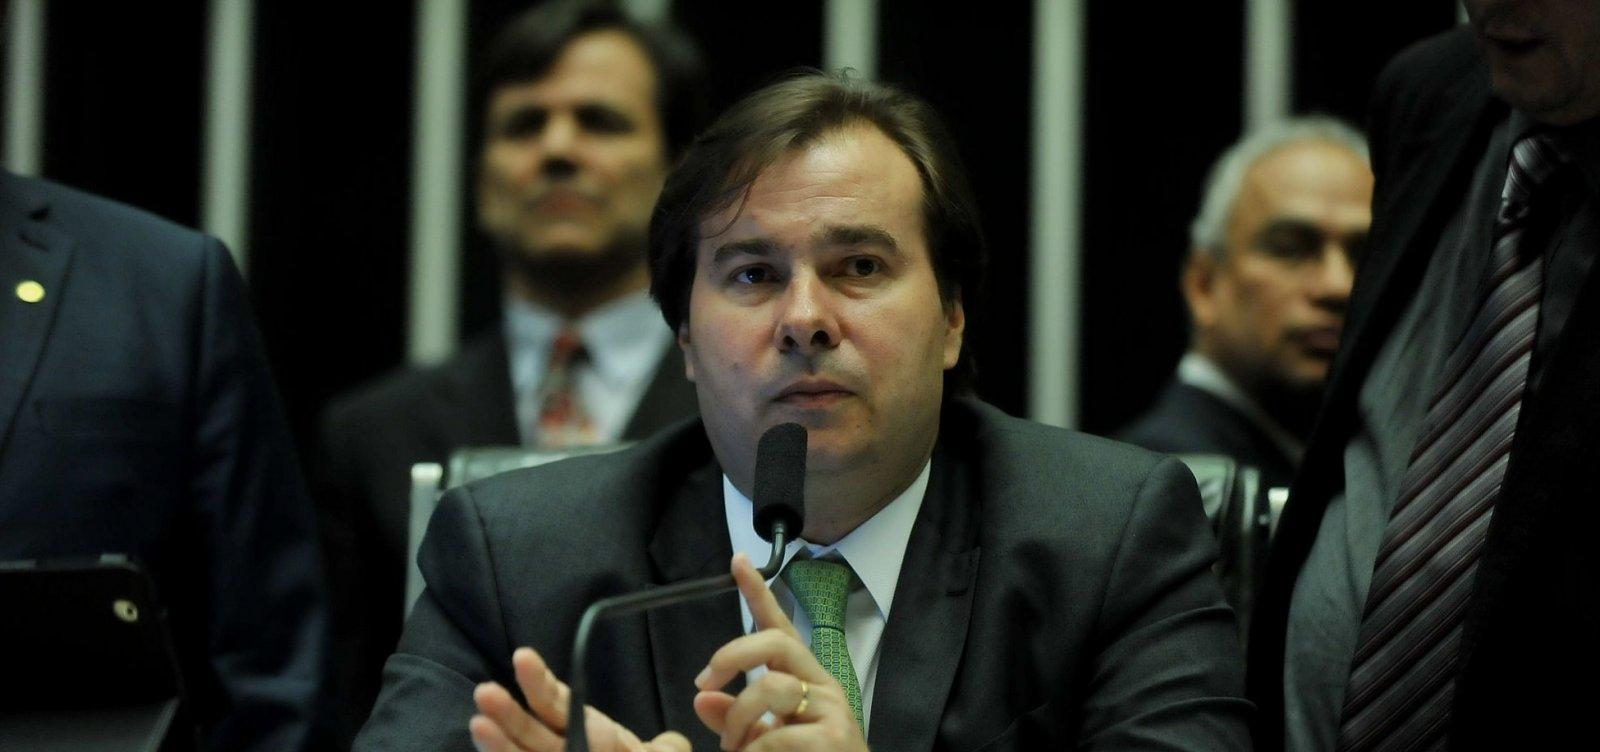 'PT voltou a ser um ator político relevante' após impeachment, admite Maia